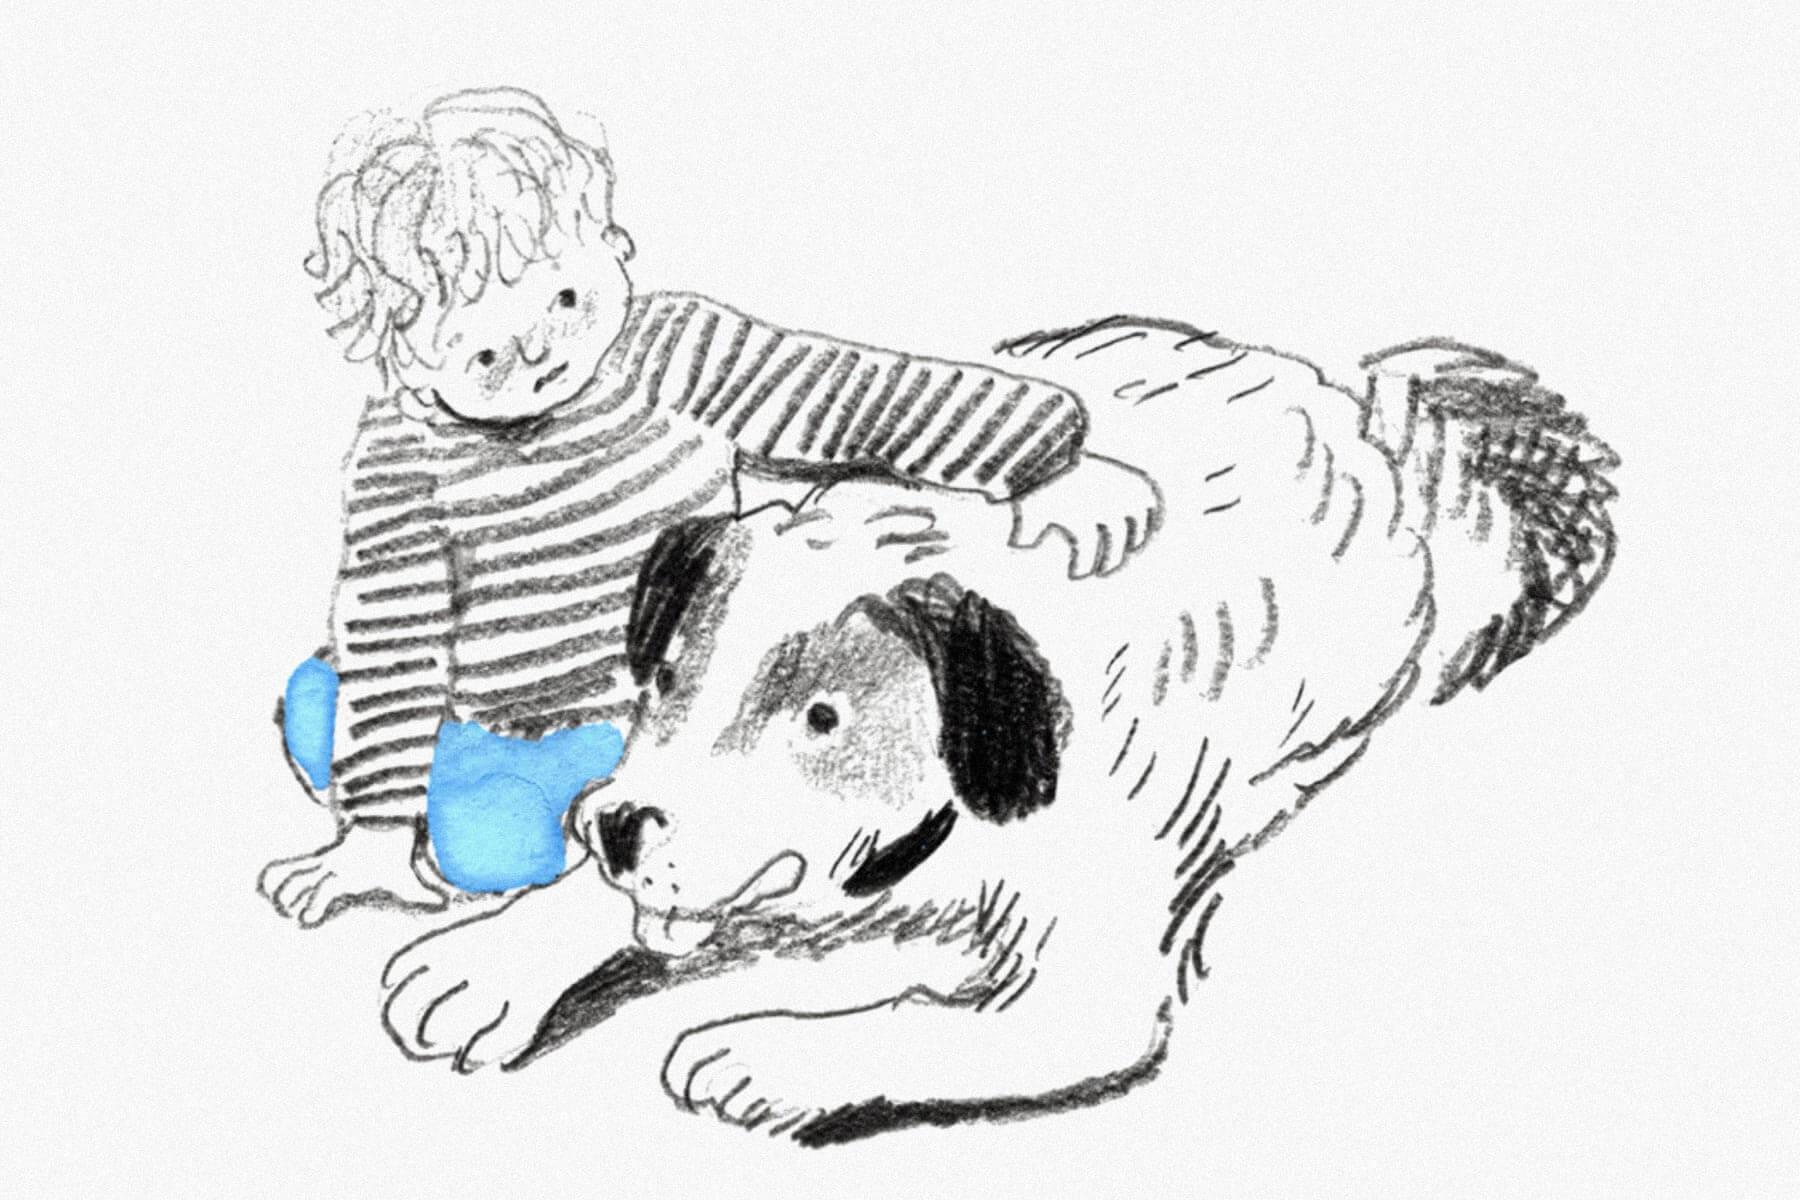 Восьмилетний мальчик Франц с Бертой из сборника Кристине Нёстлингер «Рассказы про Франца и собаку». Художник Е. Толстая